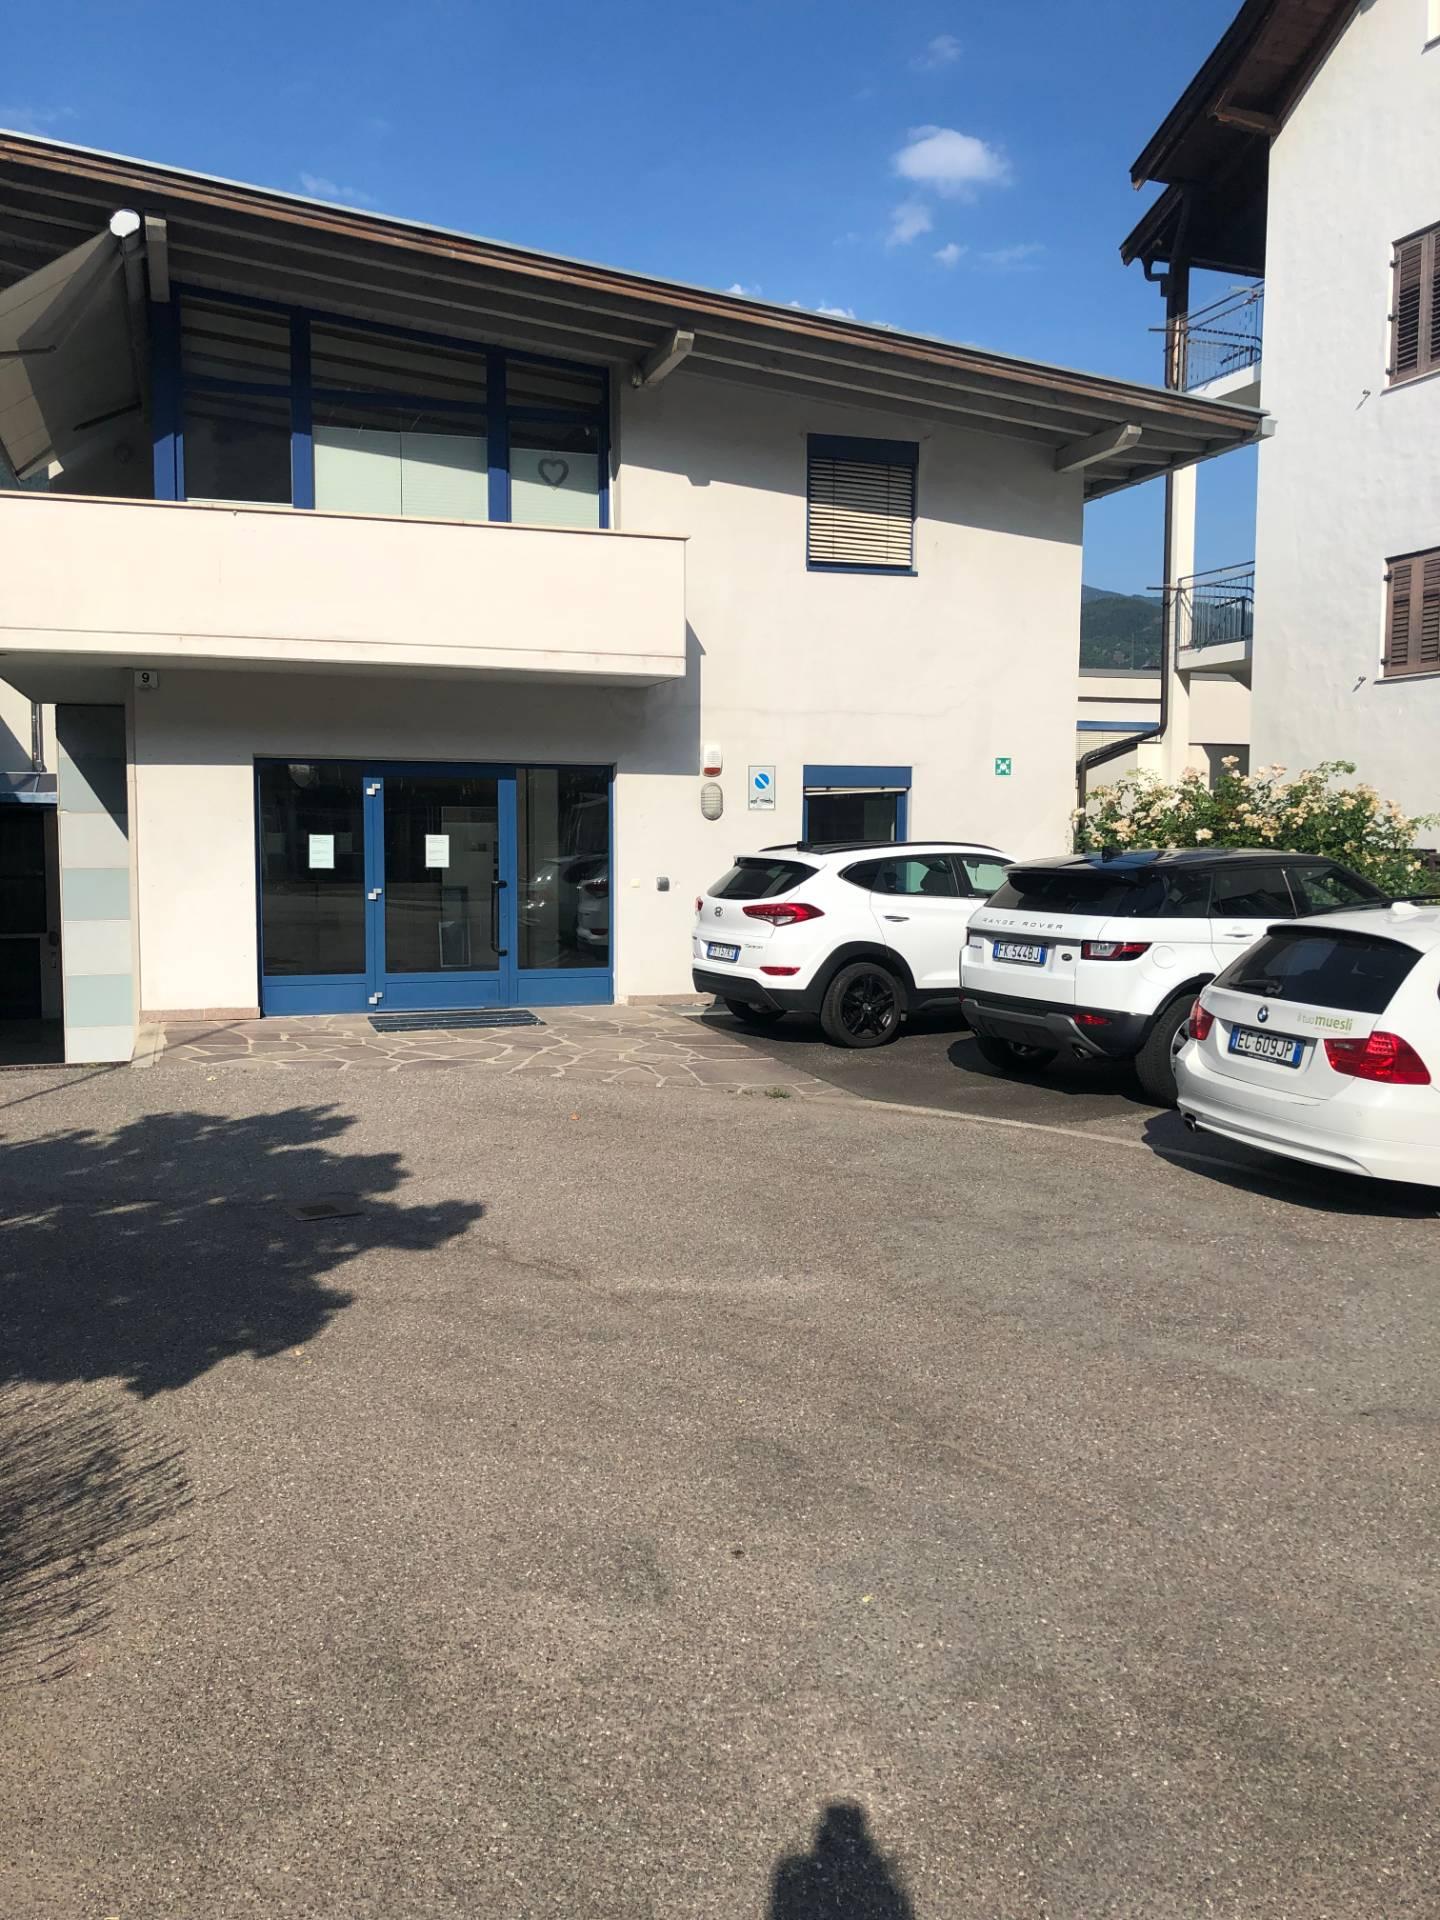 Attività / Licenza in affitto a Terlano, 9999 locali, prezzo € 330.000 | CambioCasa.it